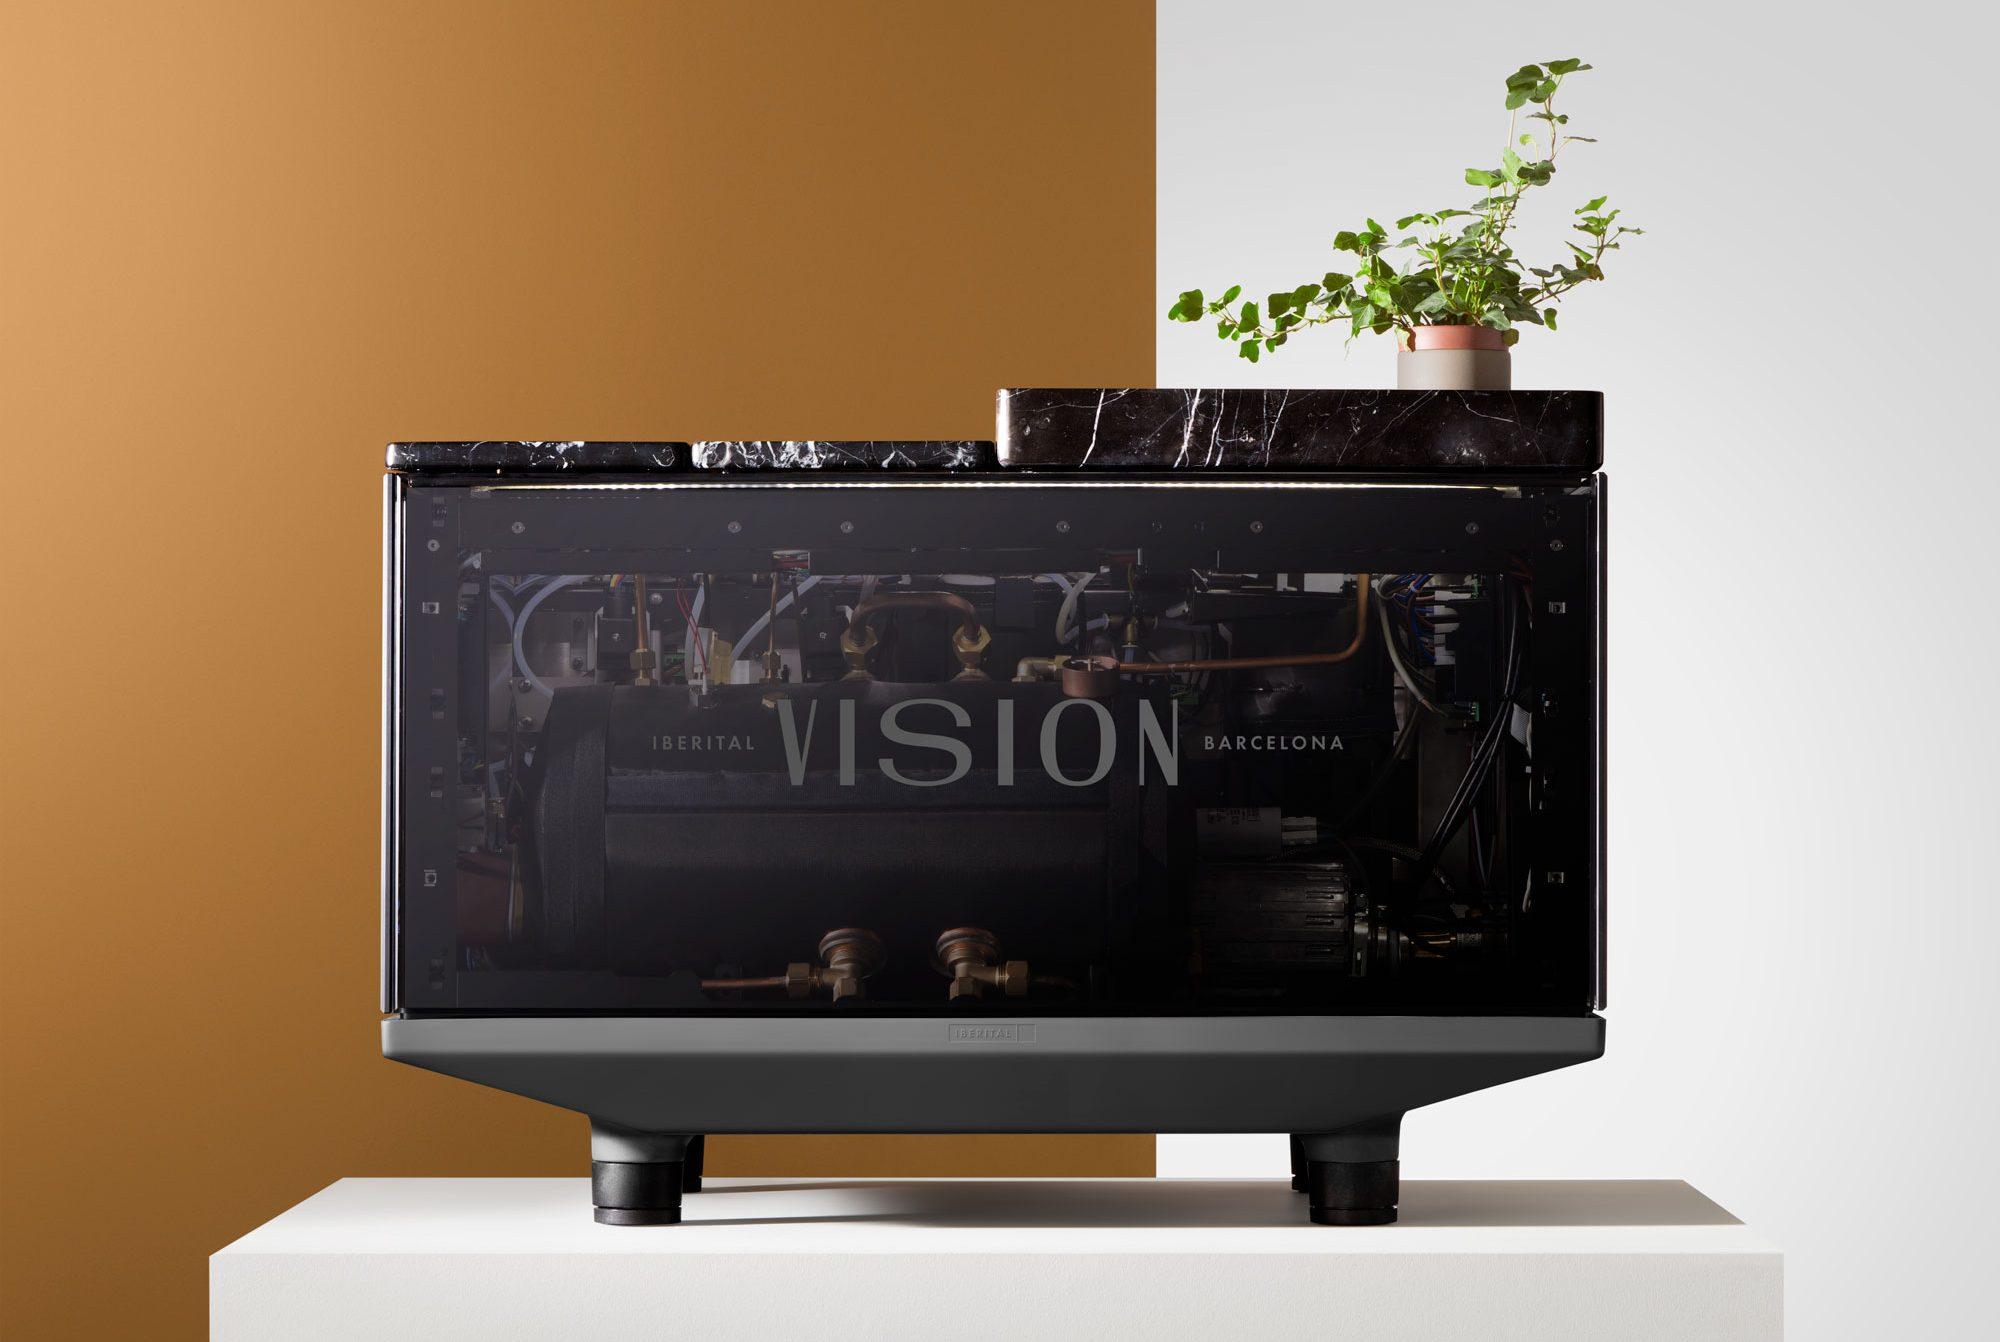 vision-maquina-1